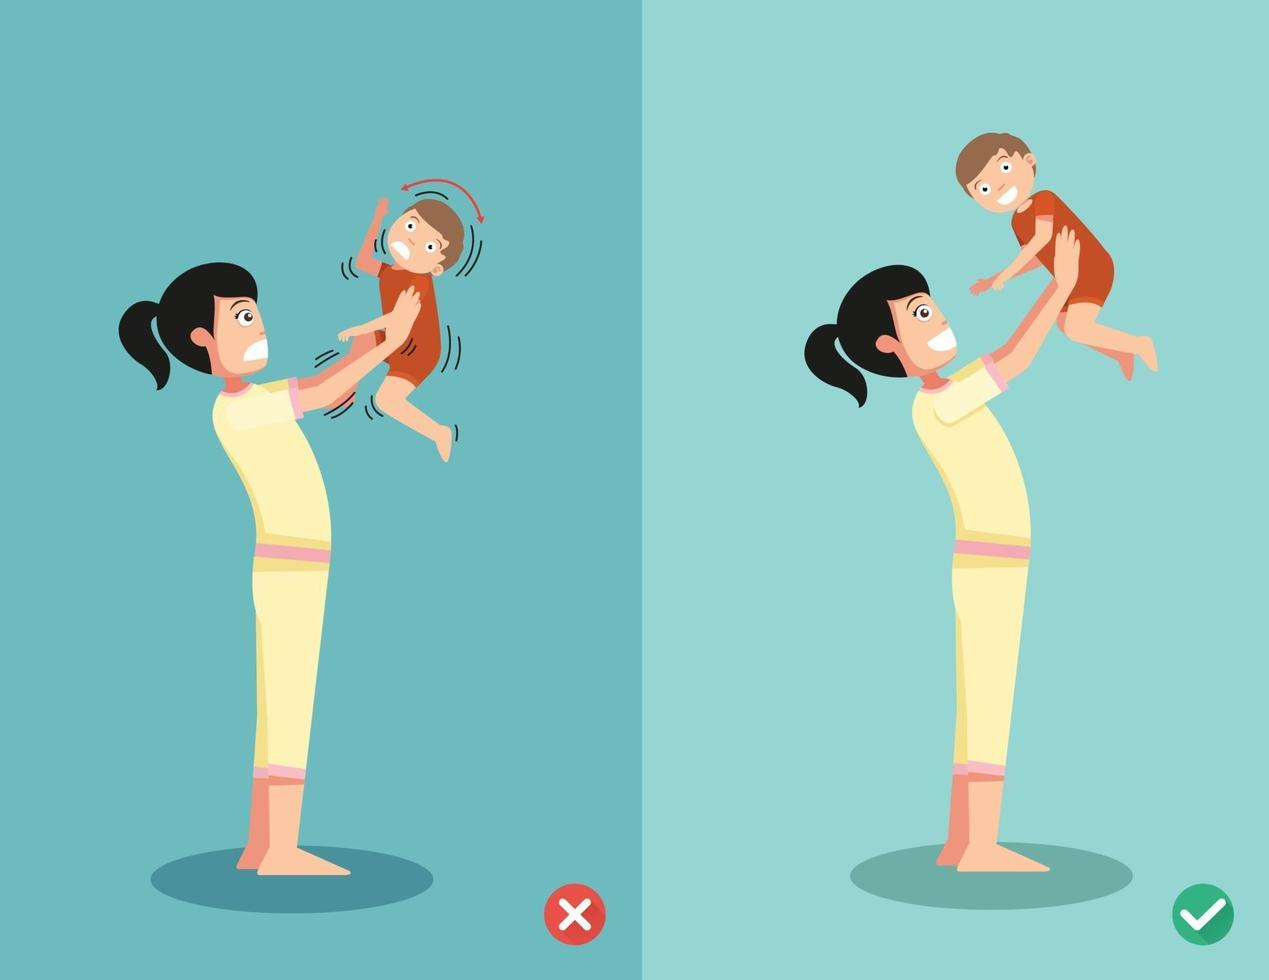 nunca sacuda um bebê da maneira certa e errada de brincar com o bebê vetor